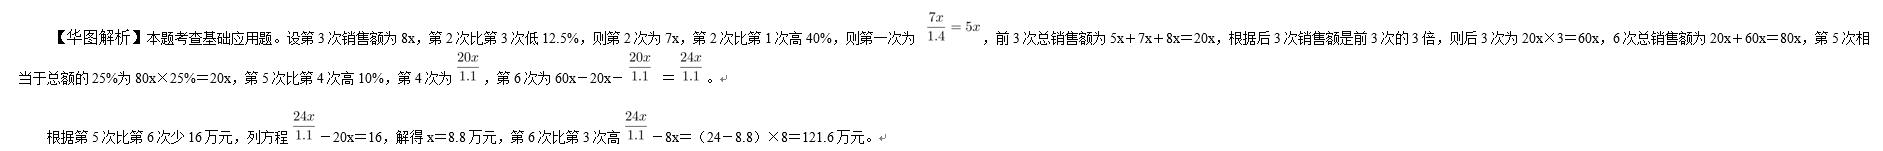 """2021��考�盗筷P系中易�e且""""�碗s""""的�}目"""